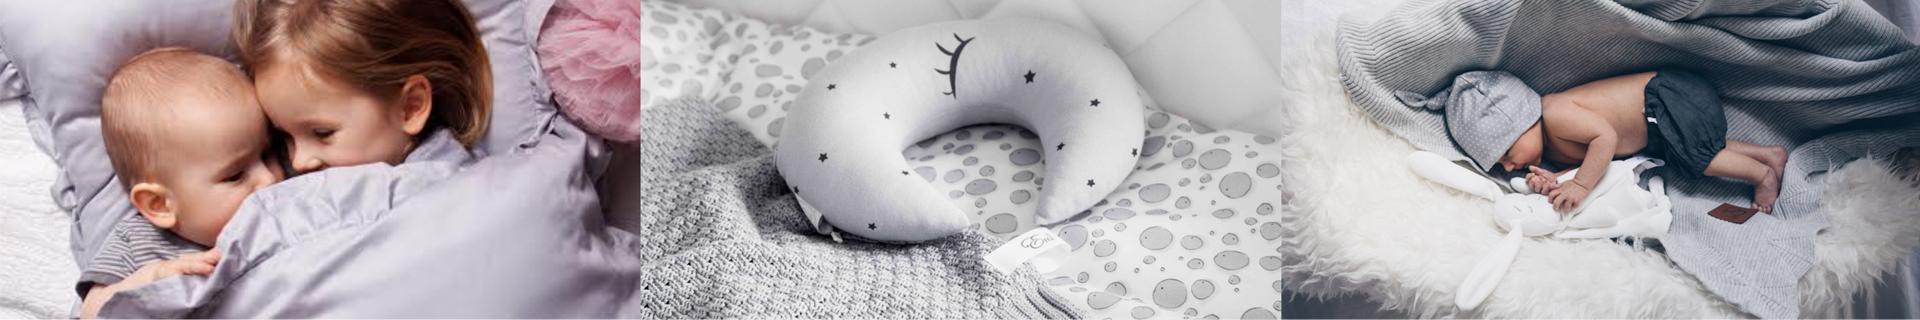 Pościel dziecięca z wypełnieniem | La Millou i Cotton & Sweets